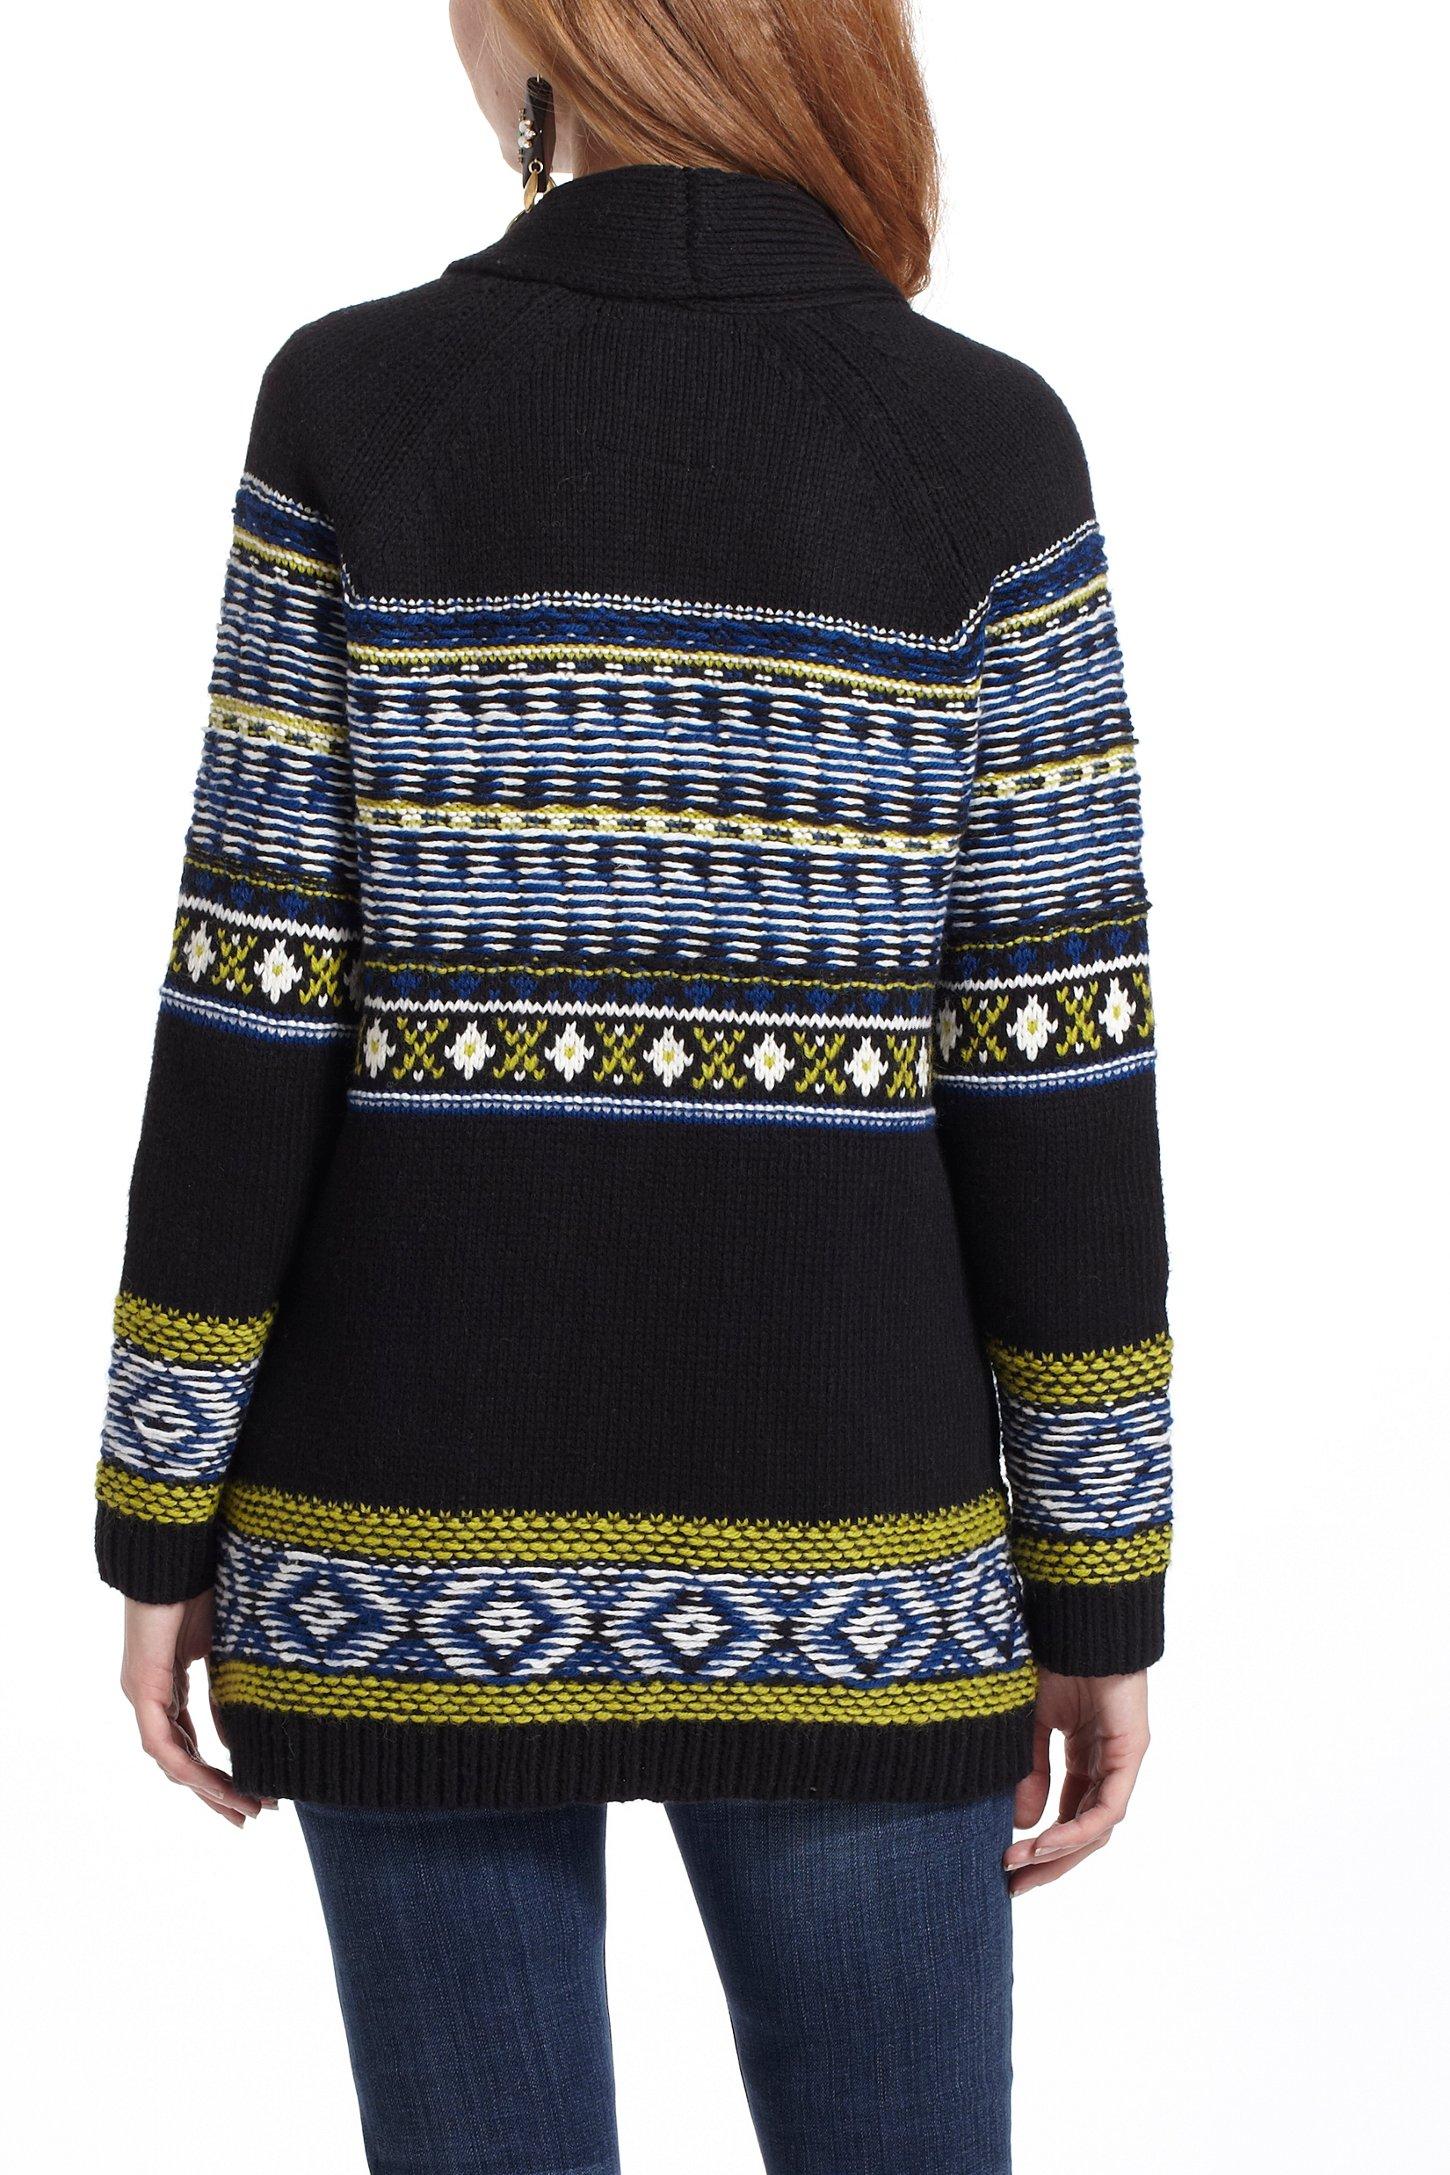 Anthropologie Batley Fairisle Sweatercoat   Lyst